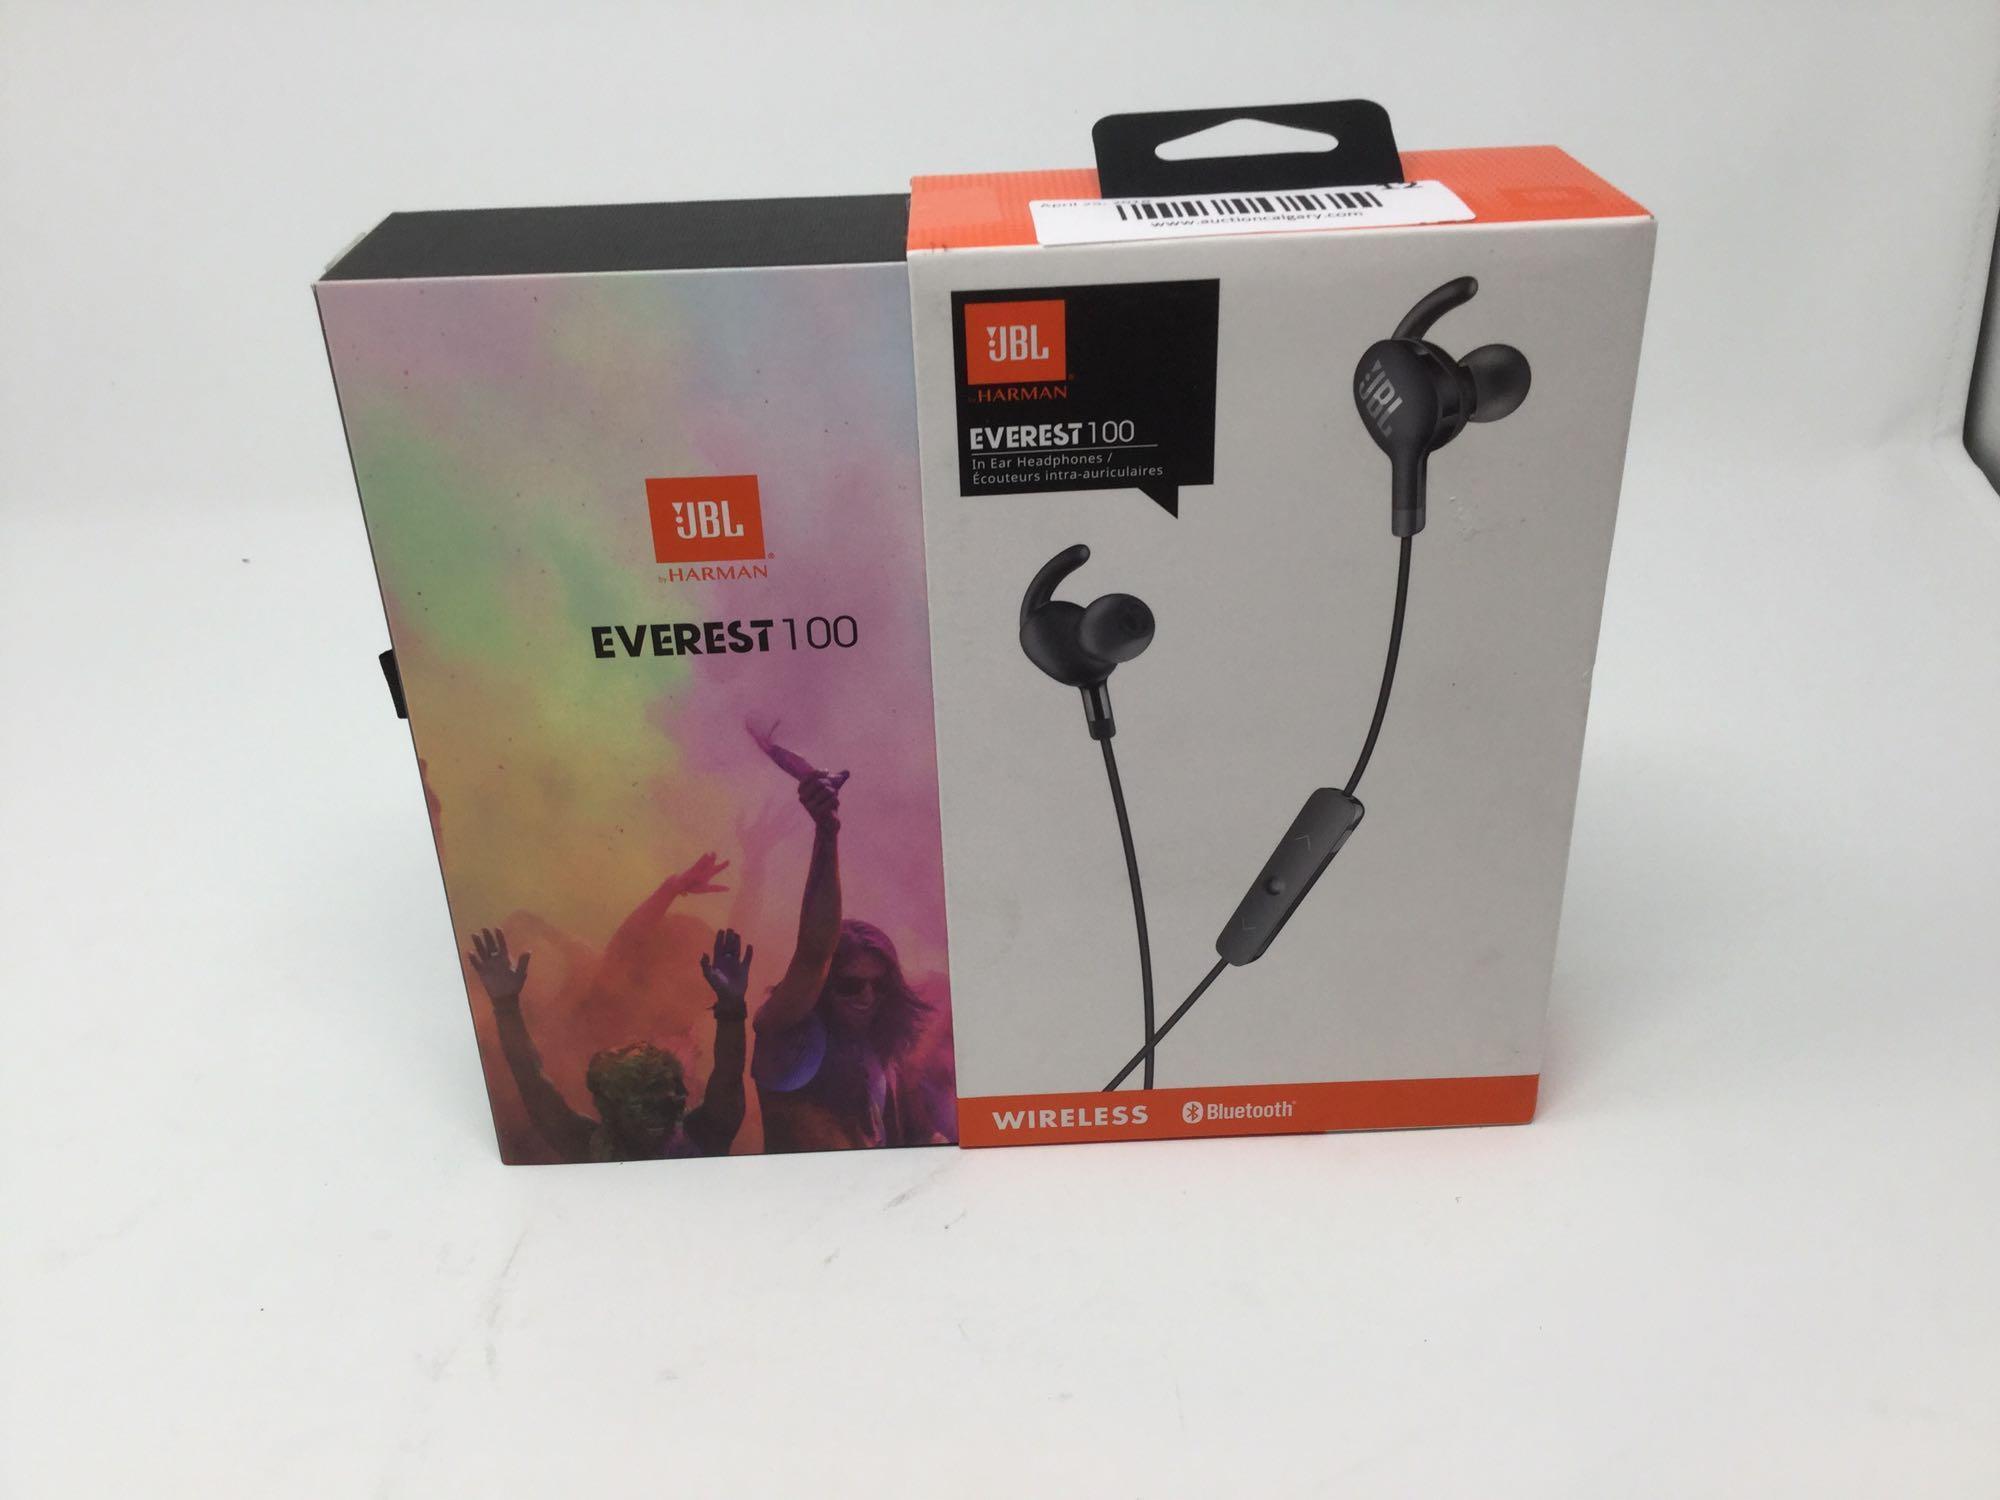 Lot 12 - Everest 100 In-Ear Headphones -Wireless, Bluetooth